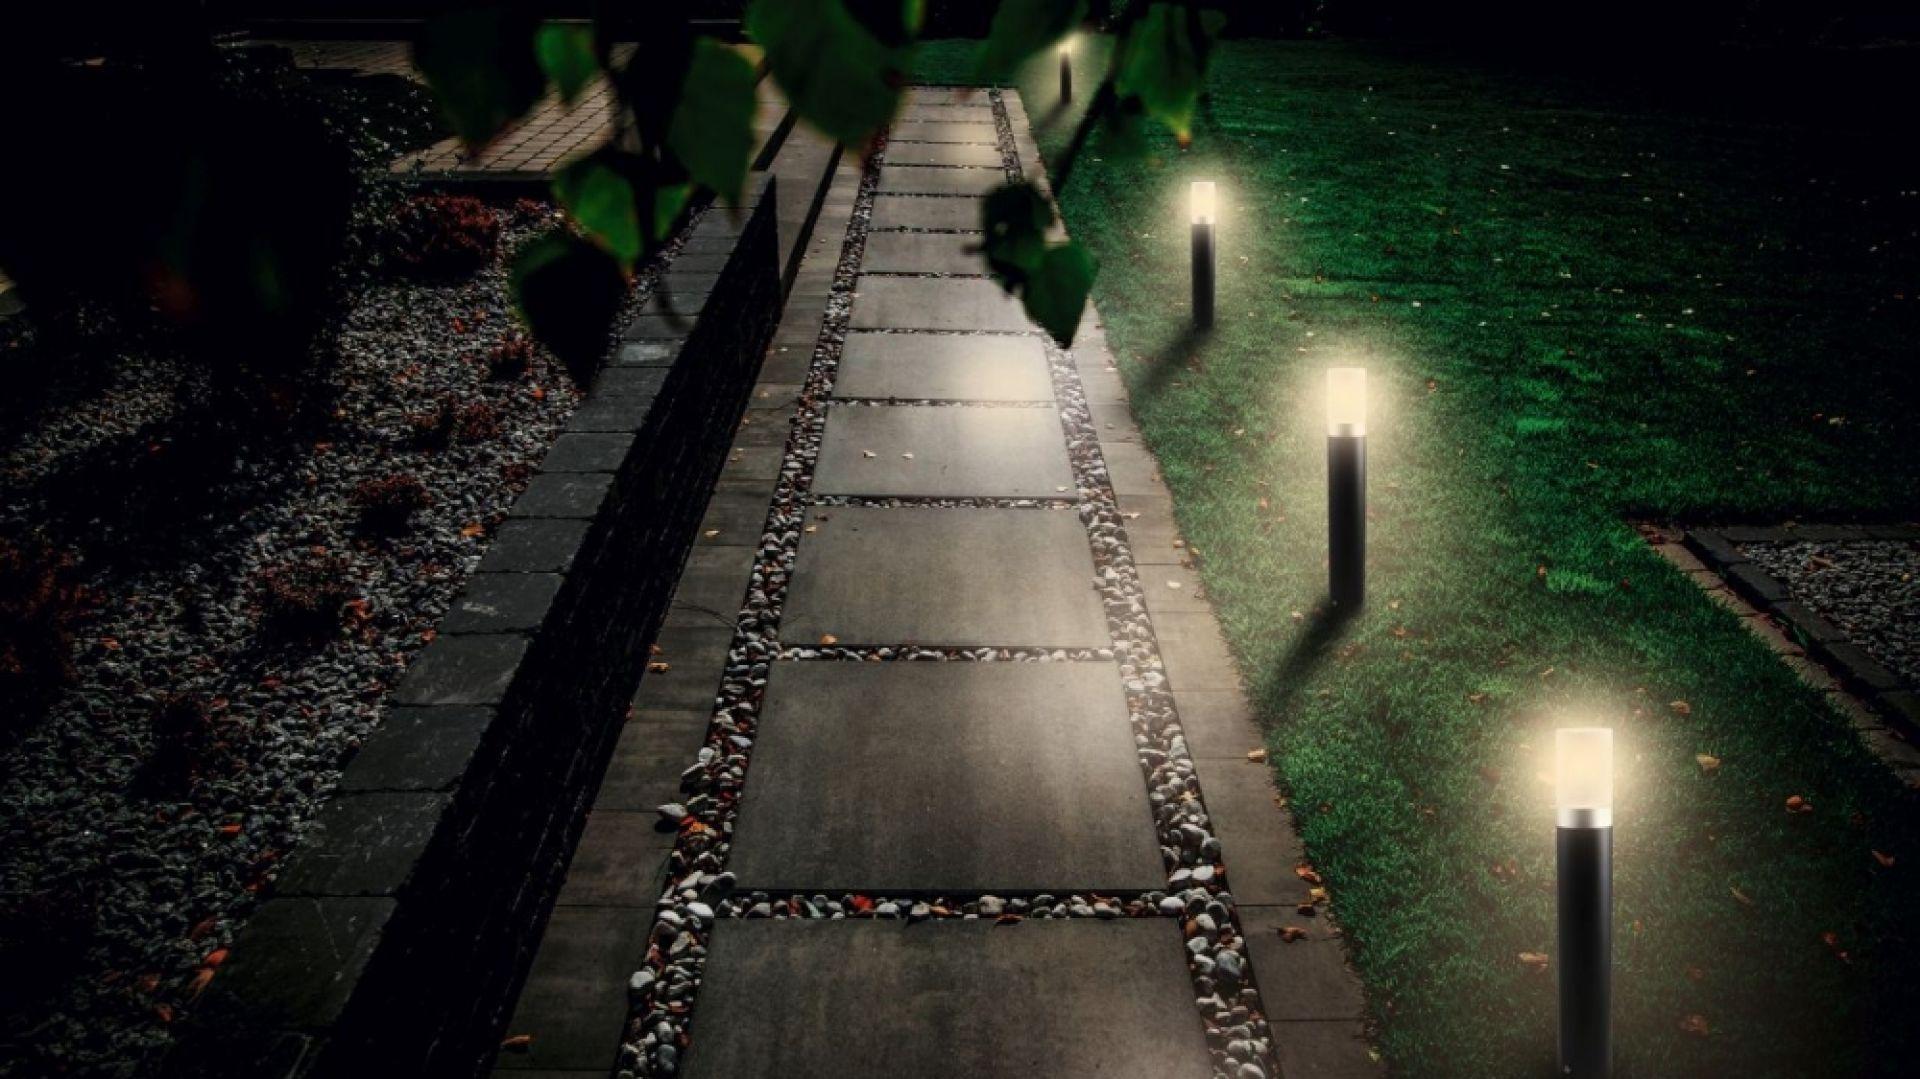 Właściwie dobrane lampy znacznie podnoszą poziom bezpieczeństwa mieszkańców. Dzięki nim łatwiej jest poruszać się po ogrodowych ścieżkach. Fot. Libet